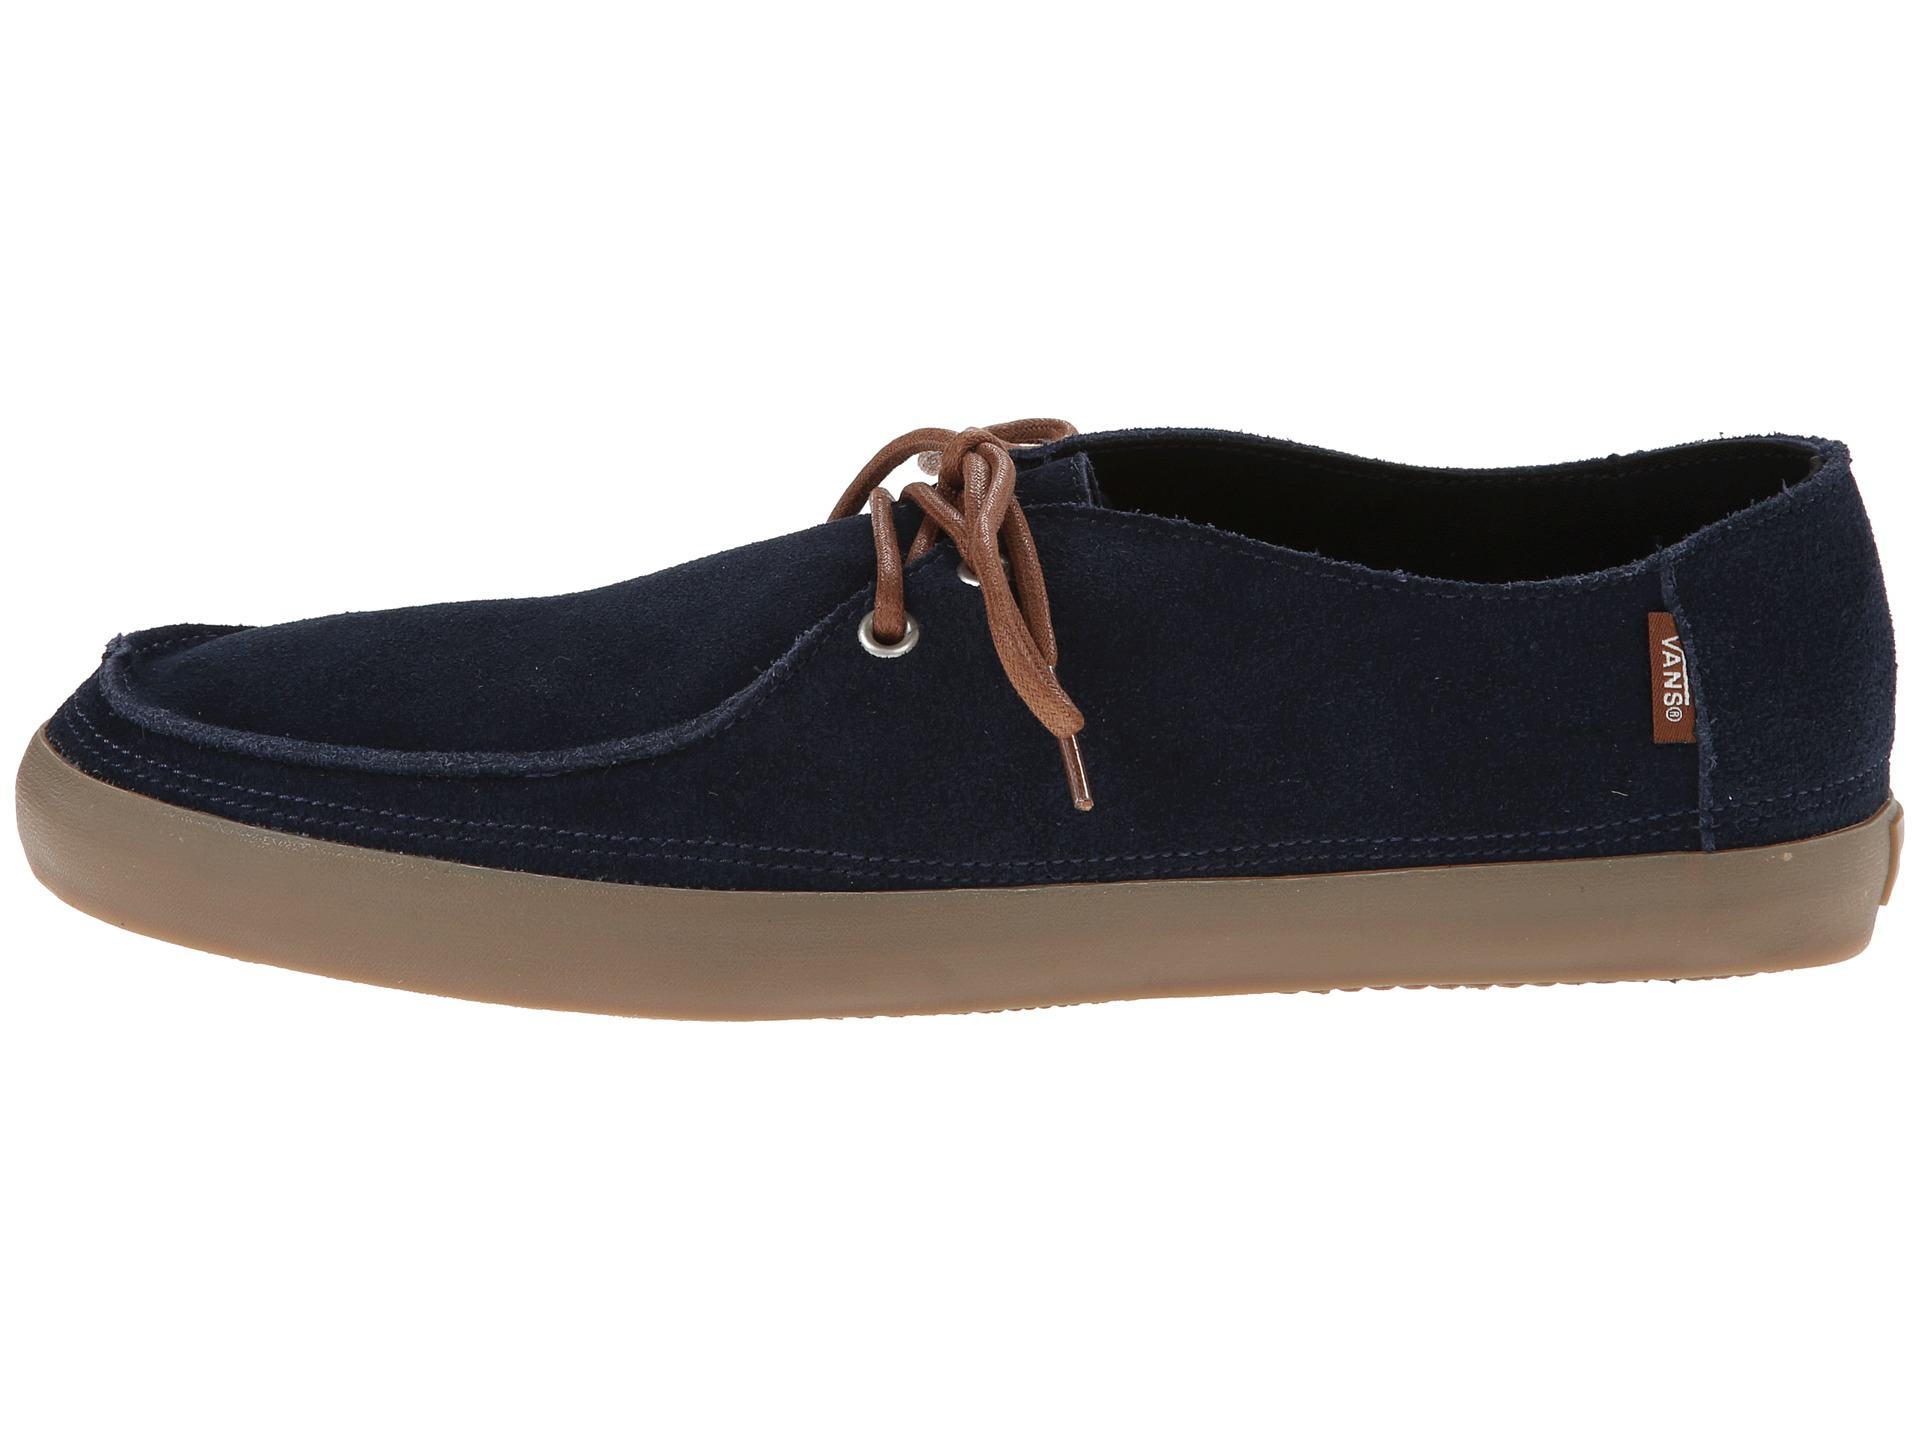 the best attitude 8763c d6dfe ... Lyst - Vans Rata Vulc in Blue for Men  Vans Rata Vulc Shoes - thumbnail  1 ...